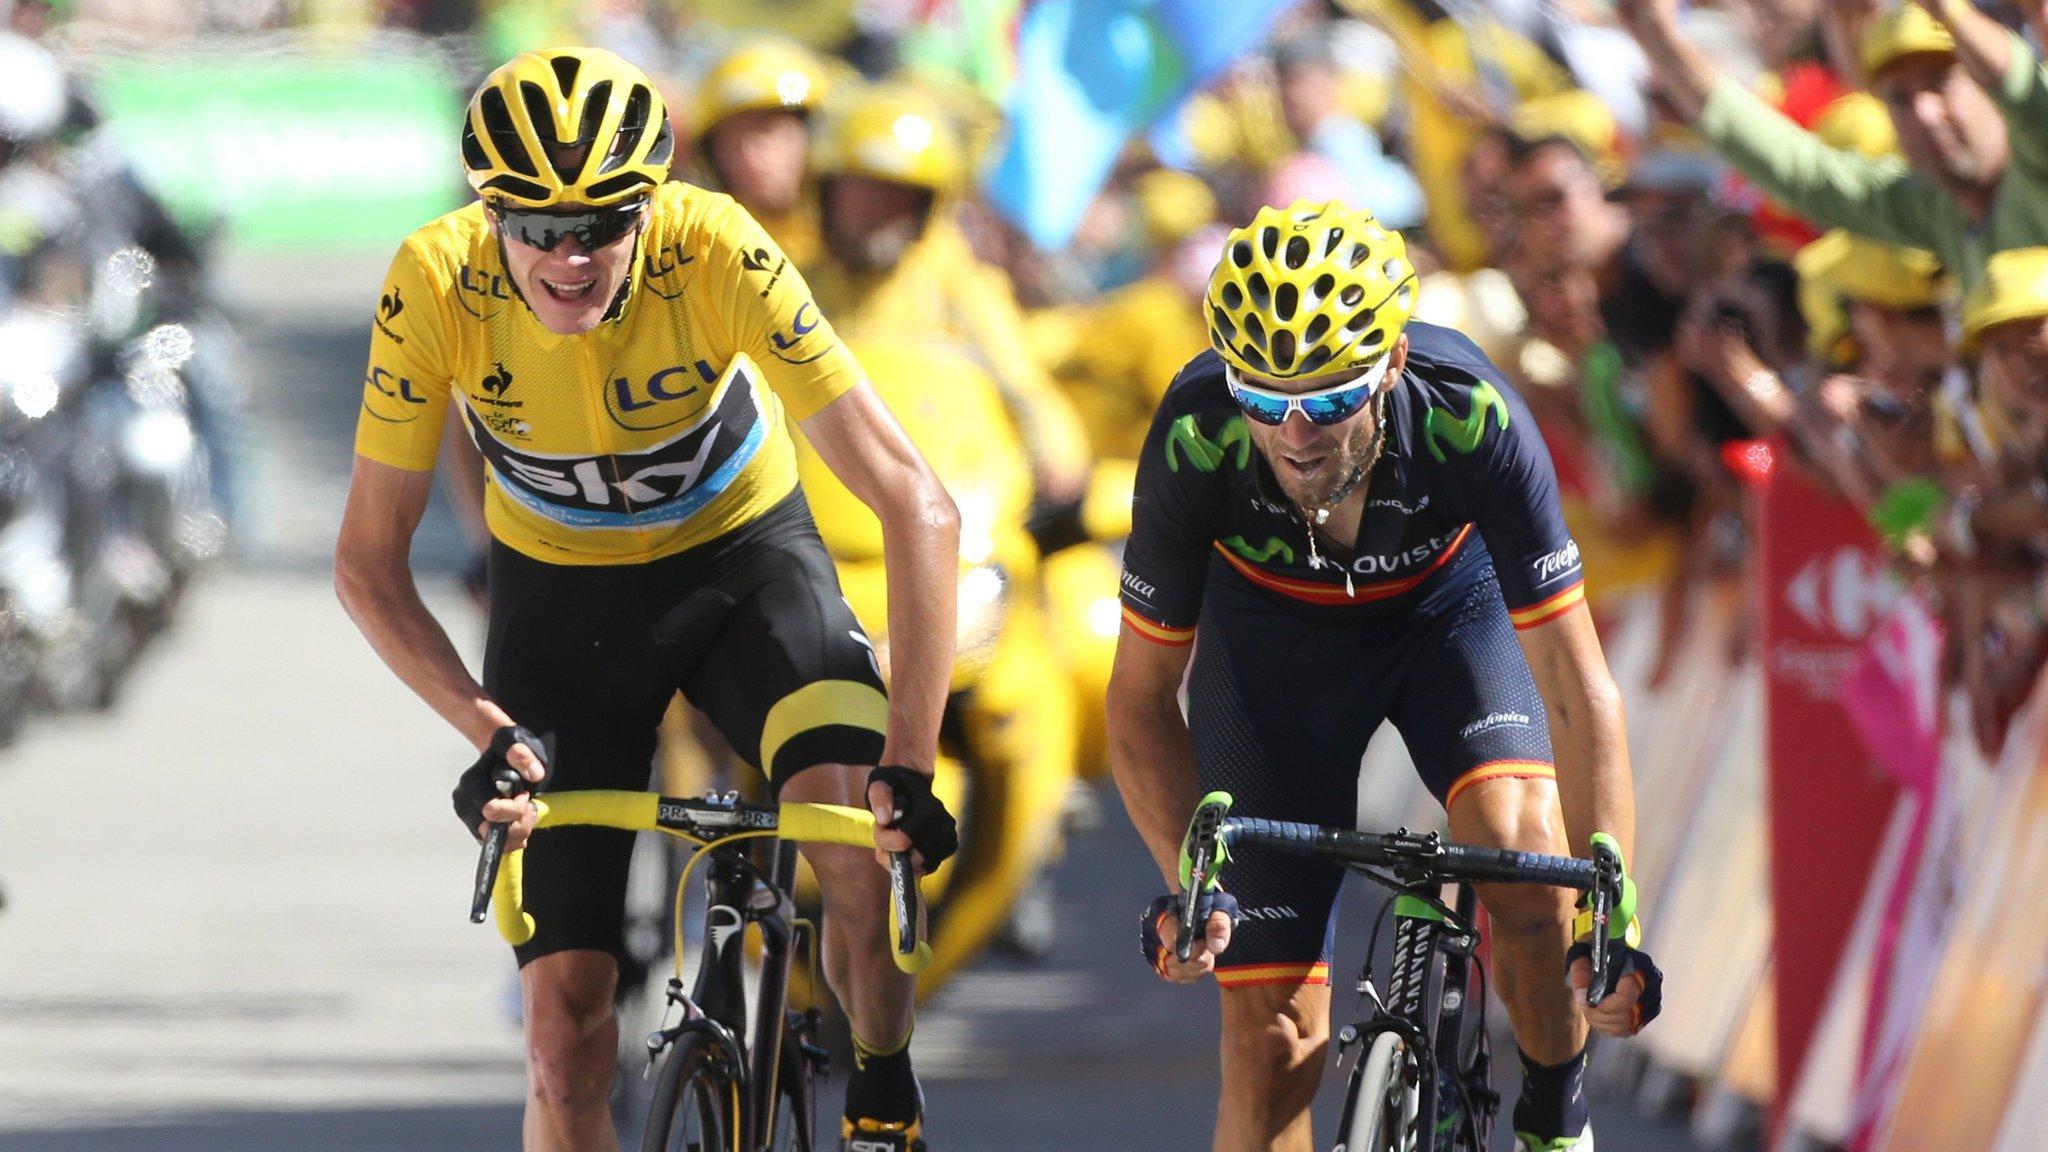 Tour De France Räder